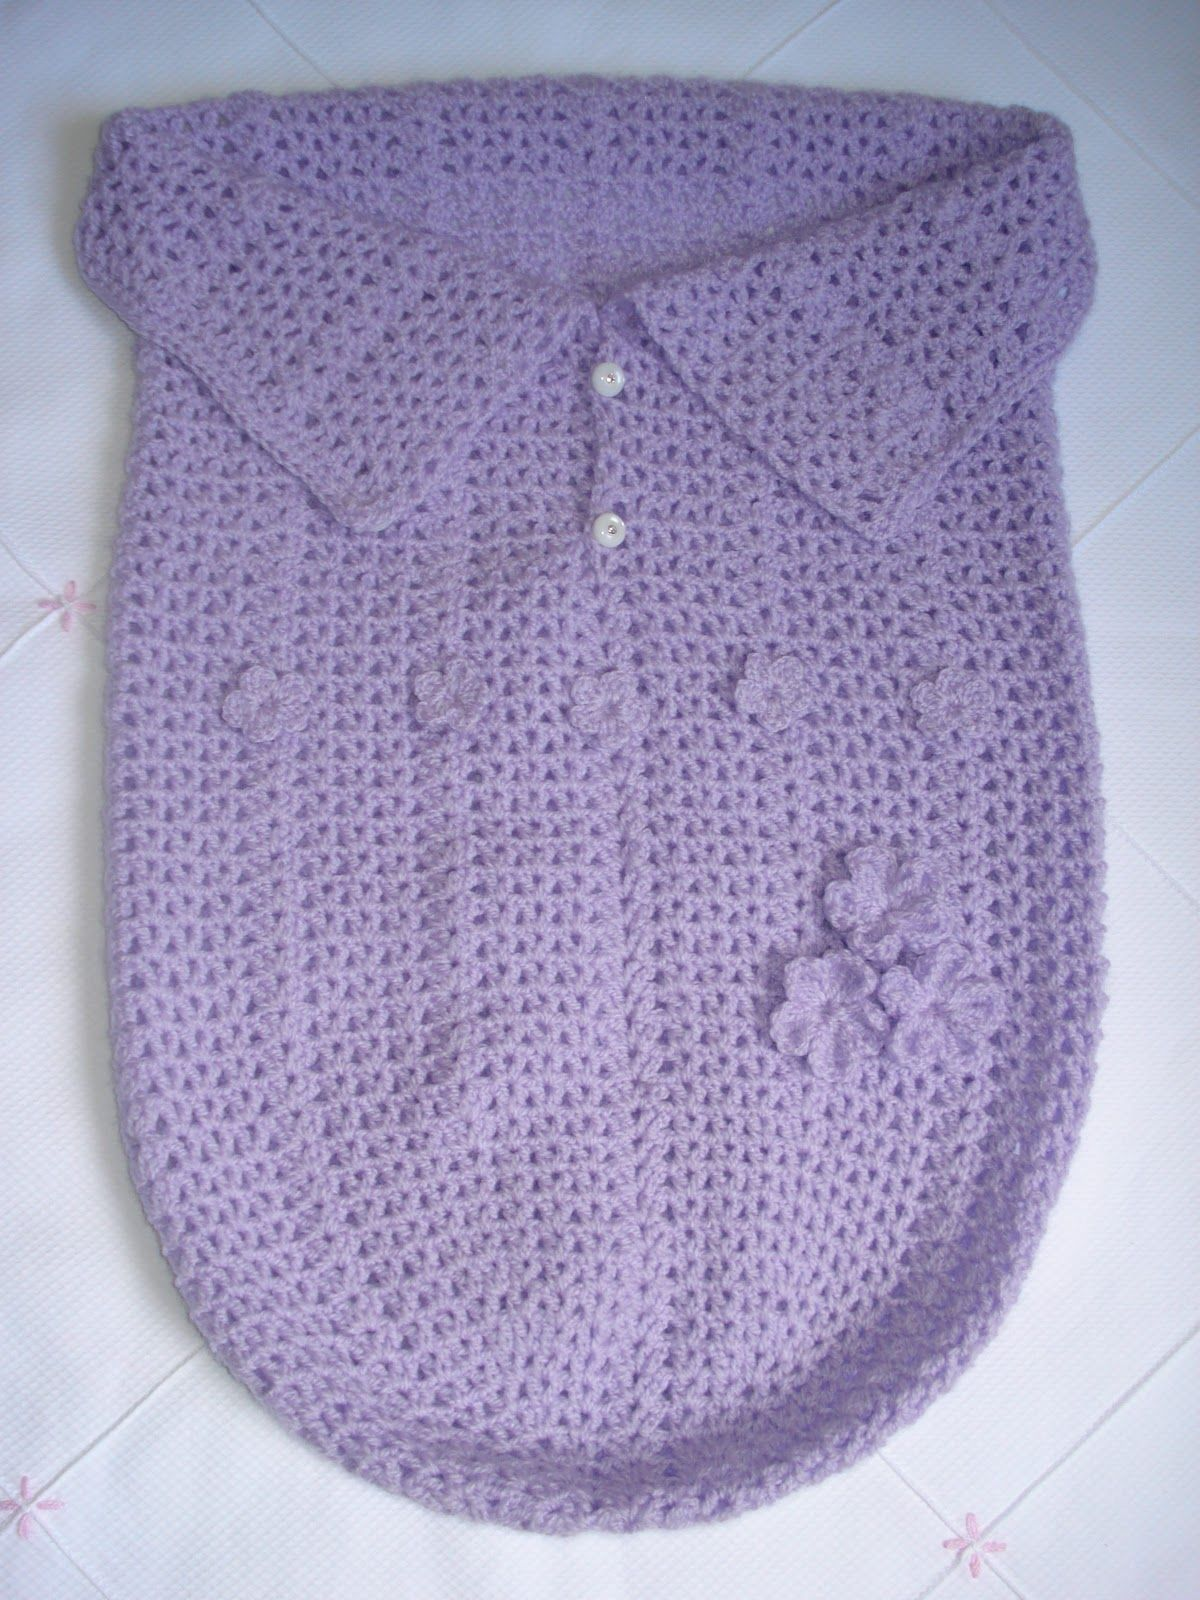 Minhas linhas e eu: Saco para bebê em crochet - baby cocoon ...